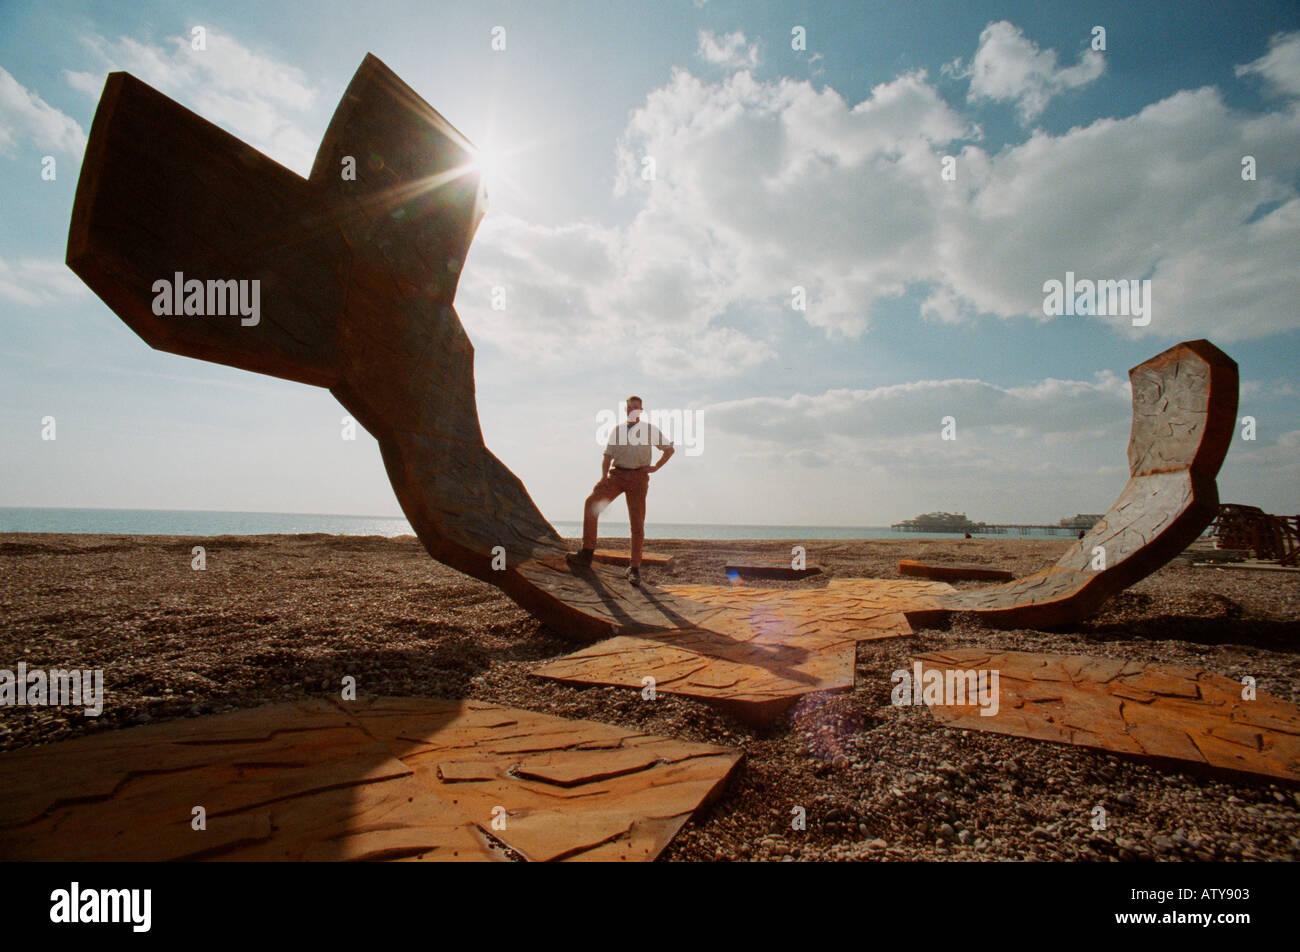 Eine 20-Tonnen Gusseisen geschwungenen Skulptur auf Brighton Beach mit dem Künstler, Bildhauer Charlie Hadcock Passacaglia. Stockfoto